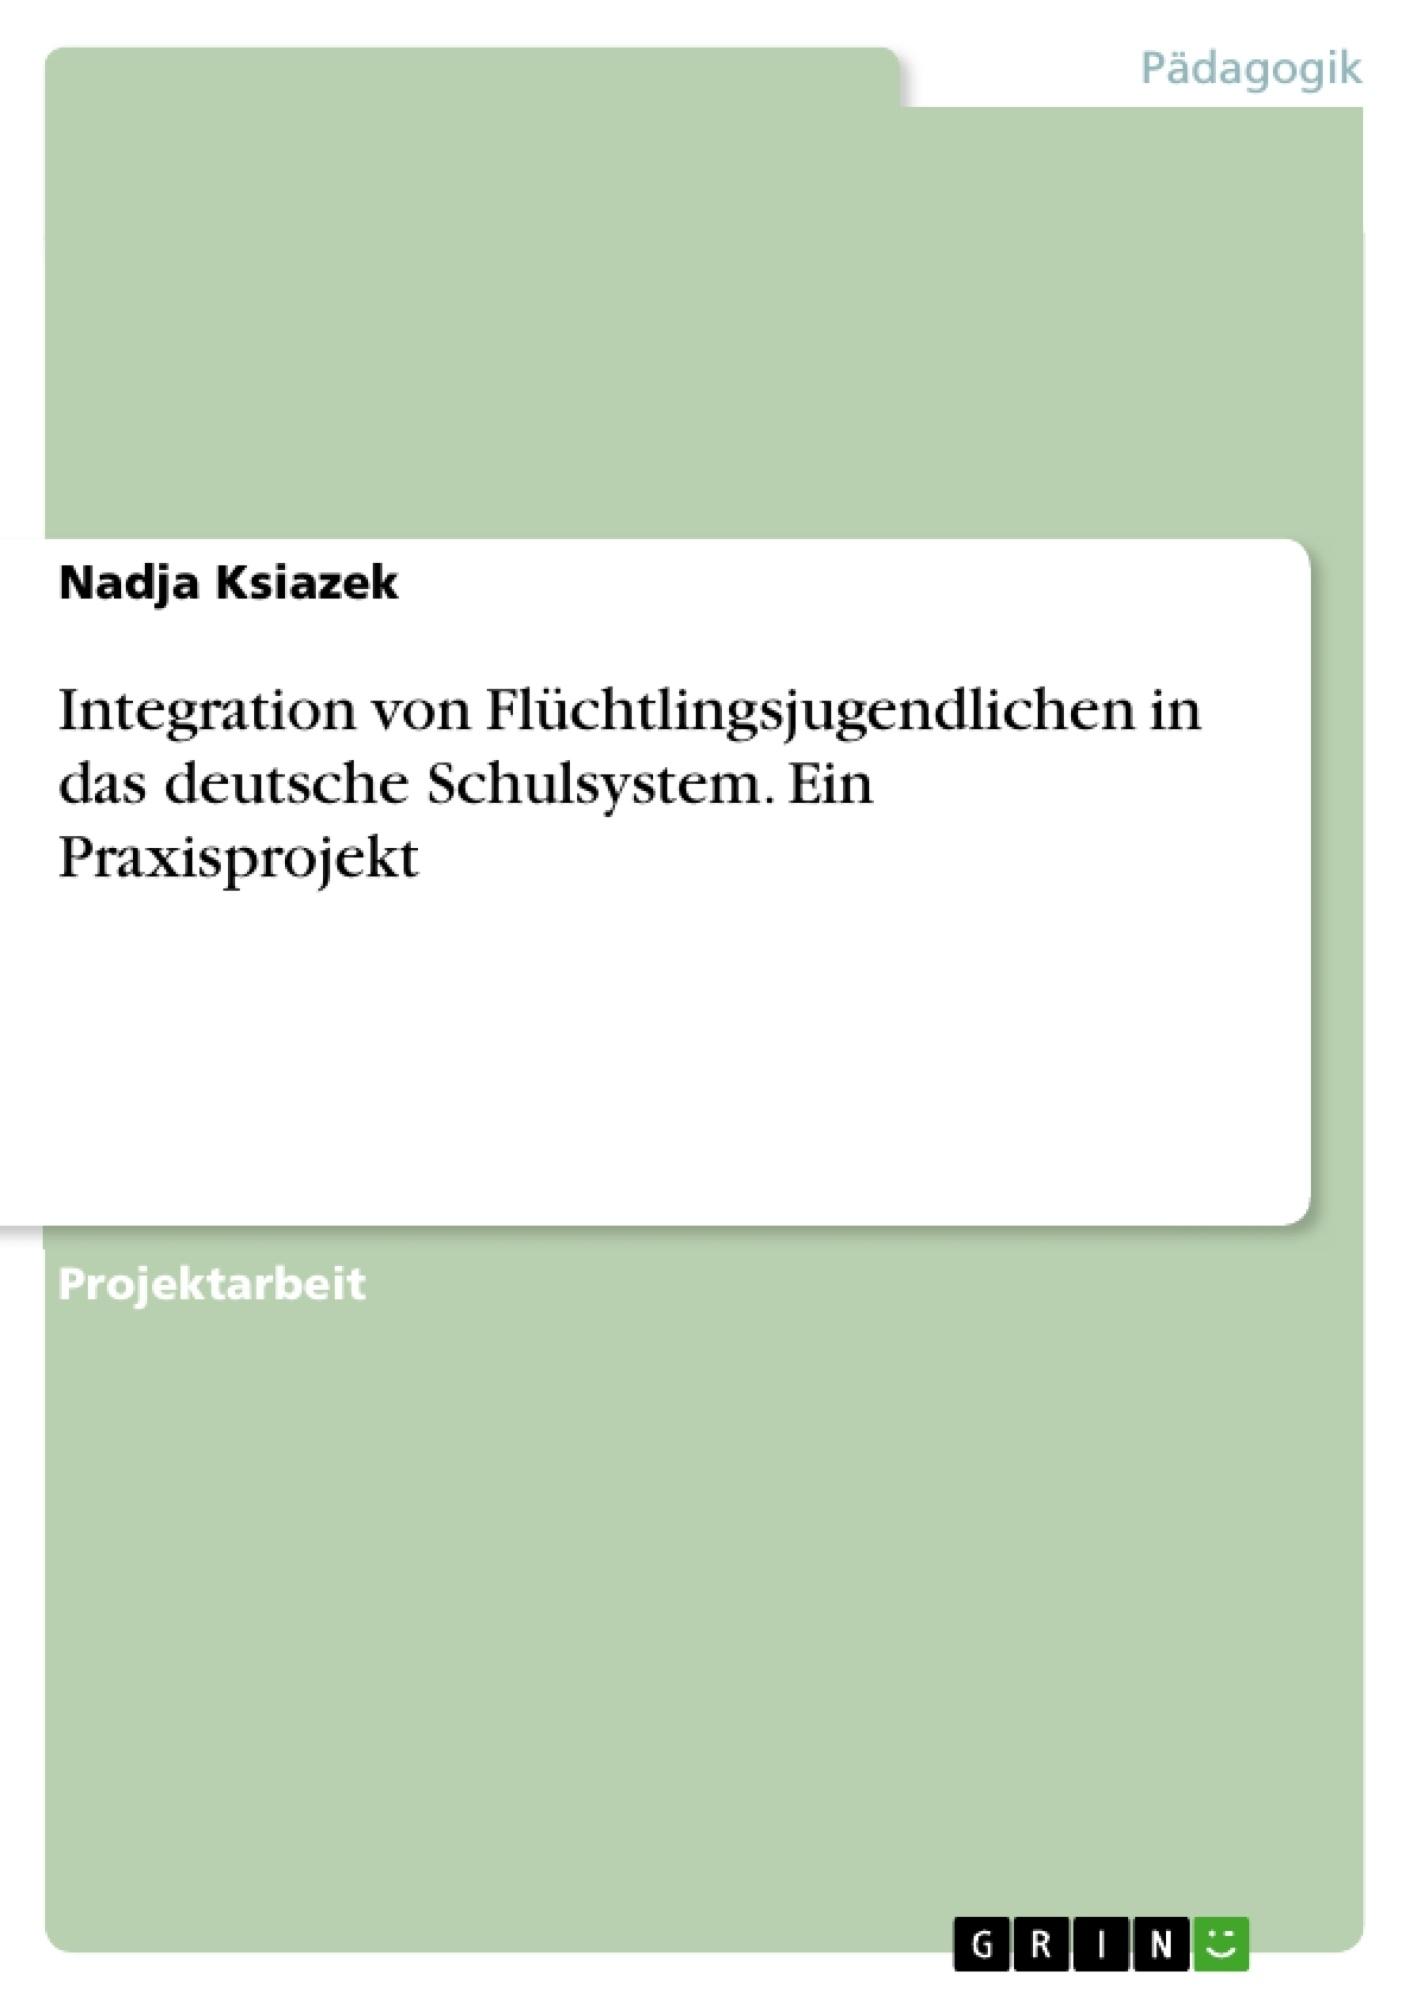 Titel: Integration von Flüchtlingsjugendlichen in das deutsche Schulsystem. Ein Praxisprojekt